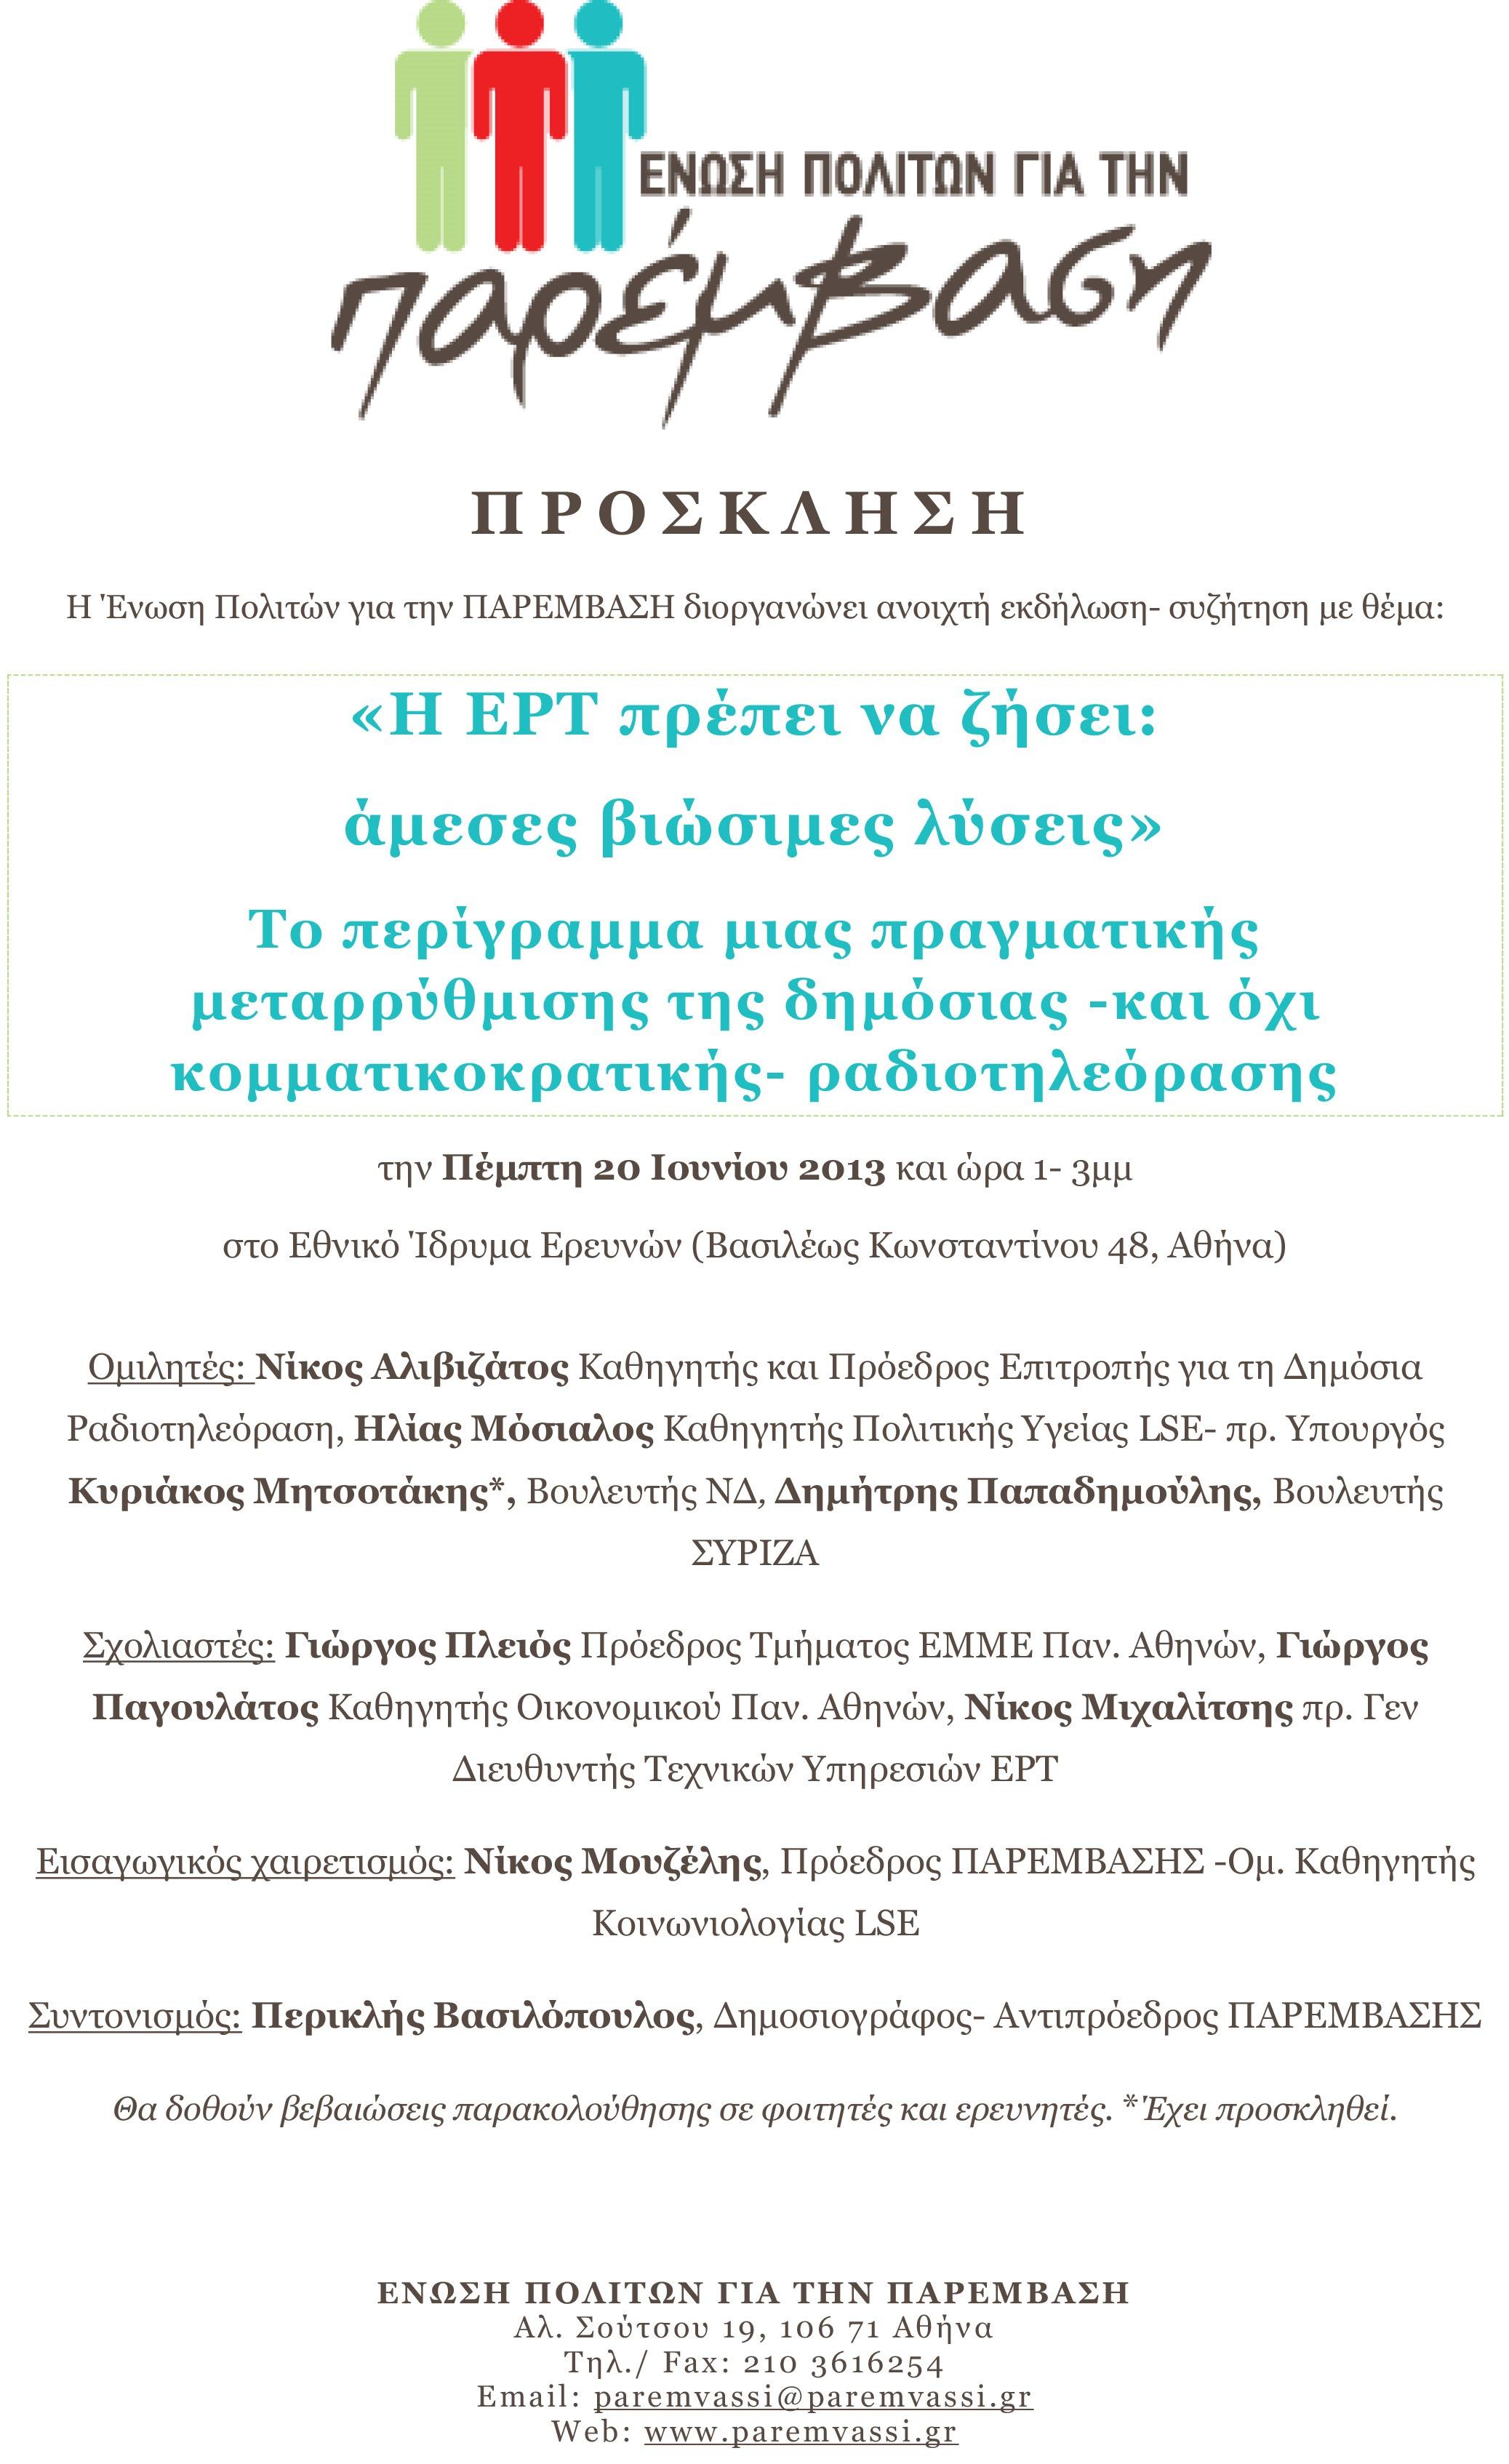 Πρόσκληση- Εκδήλωση ΕΡΤ